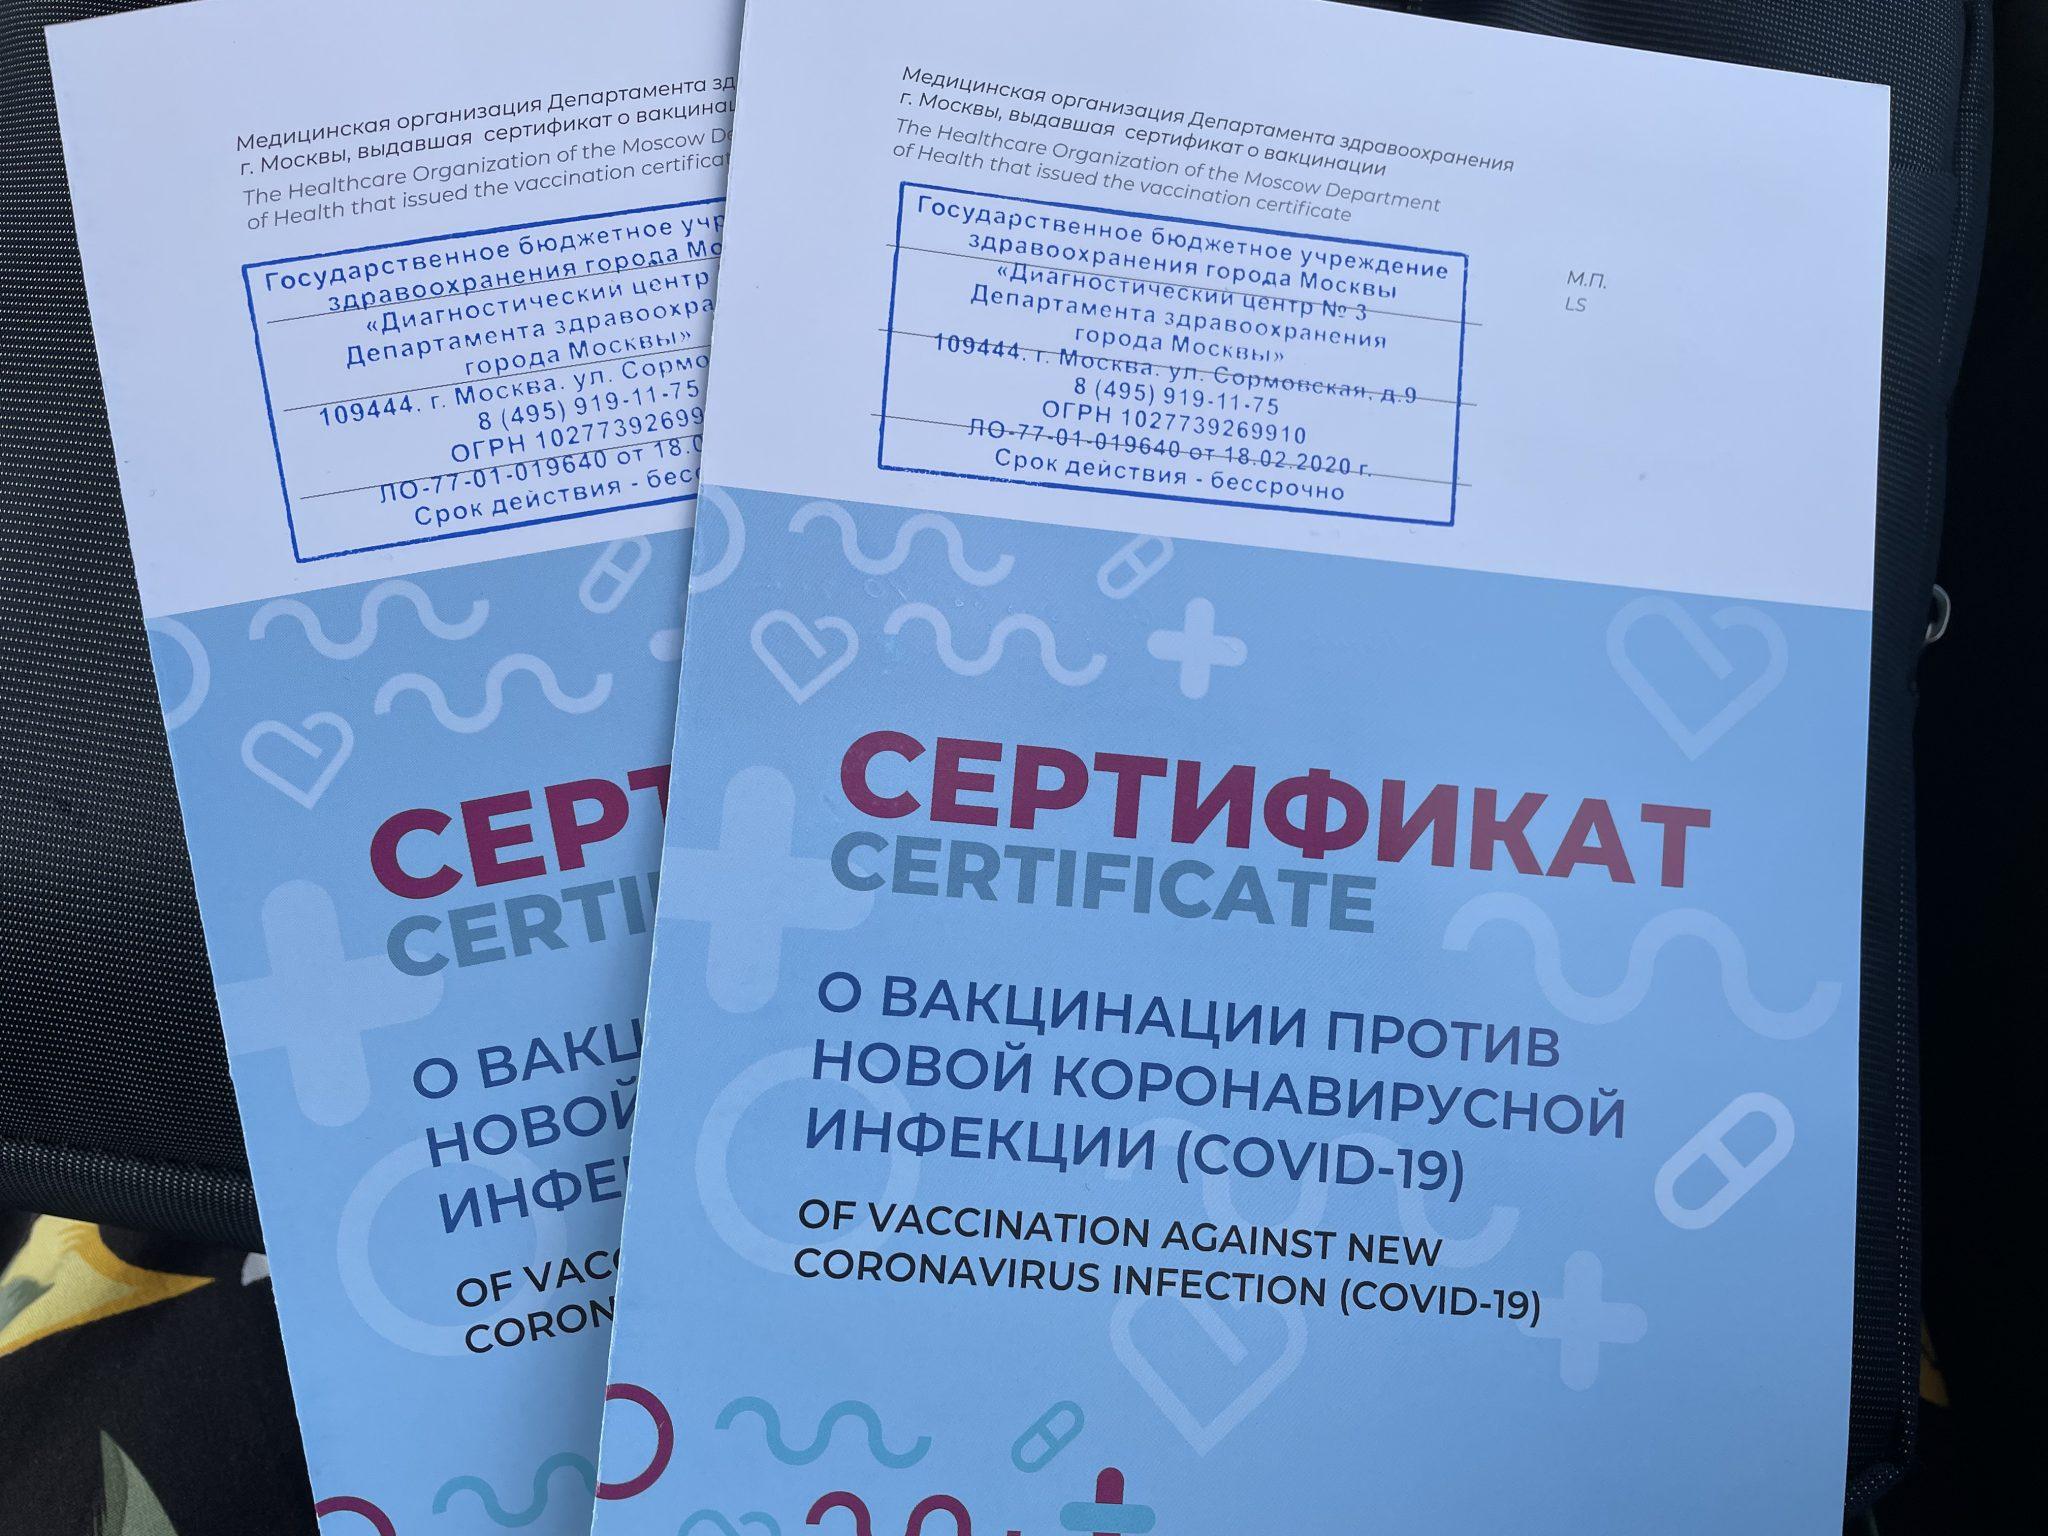 В Минцифры рассказали о механизме получения электронного сертификата о вакцинации